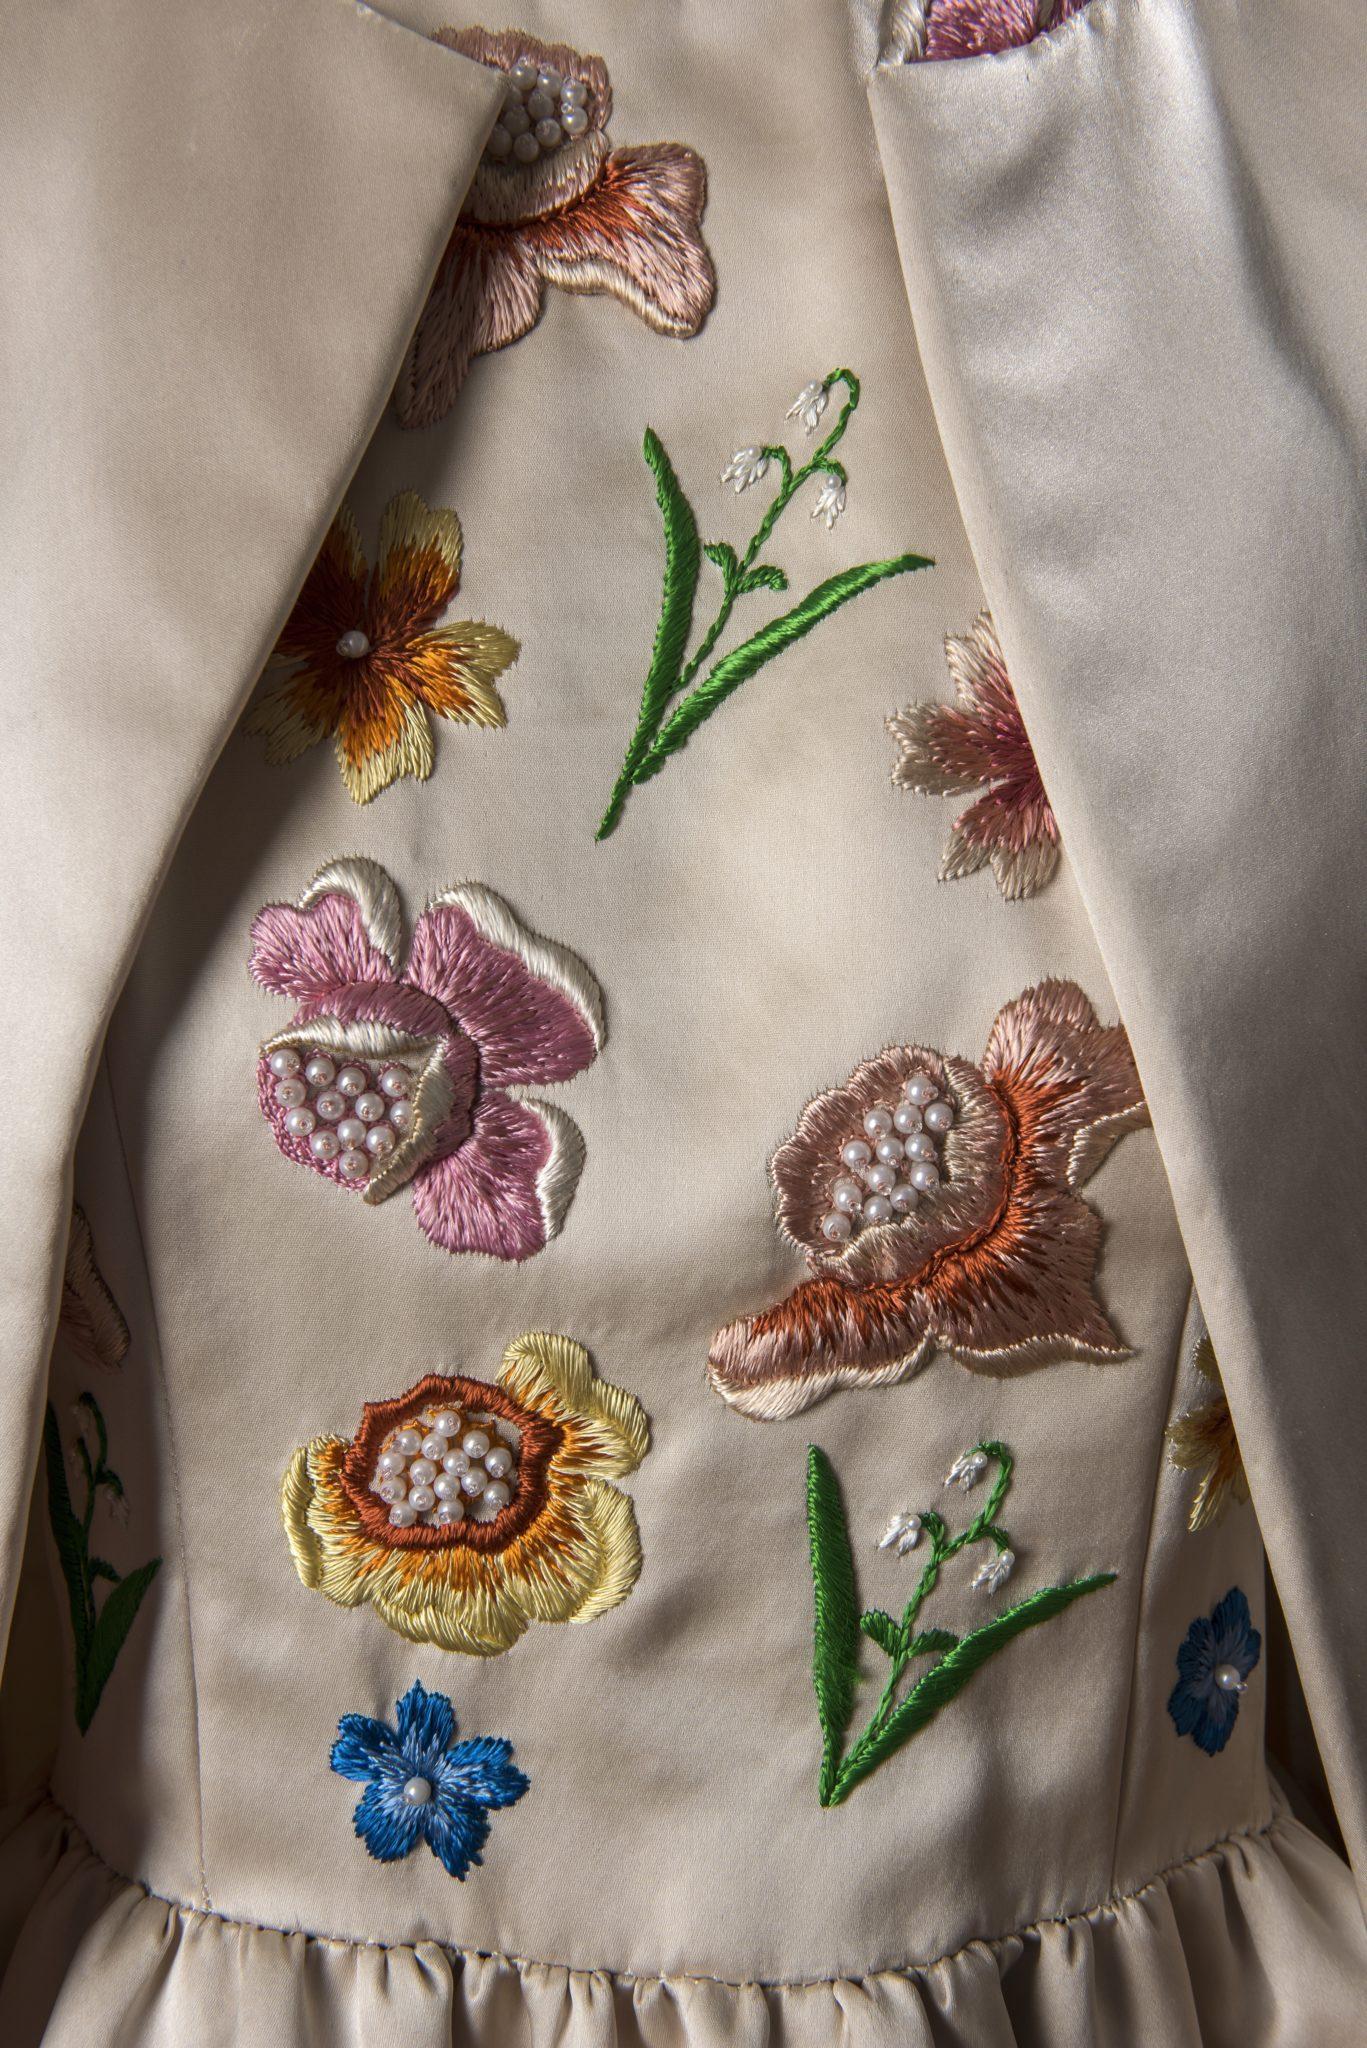 Détail d'un ensemble du soir en satin composé d'une robe brodée au corsage et d'un manteau, porté par Jackie Kennedy lors d'une visite officielle en France, été 1961 © Givenchy – Photo Luc Castel